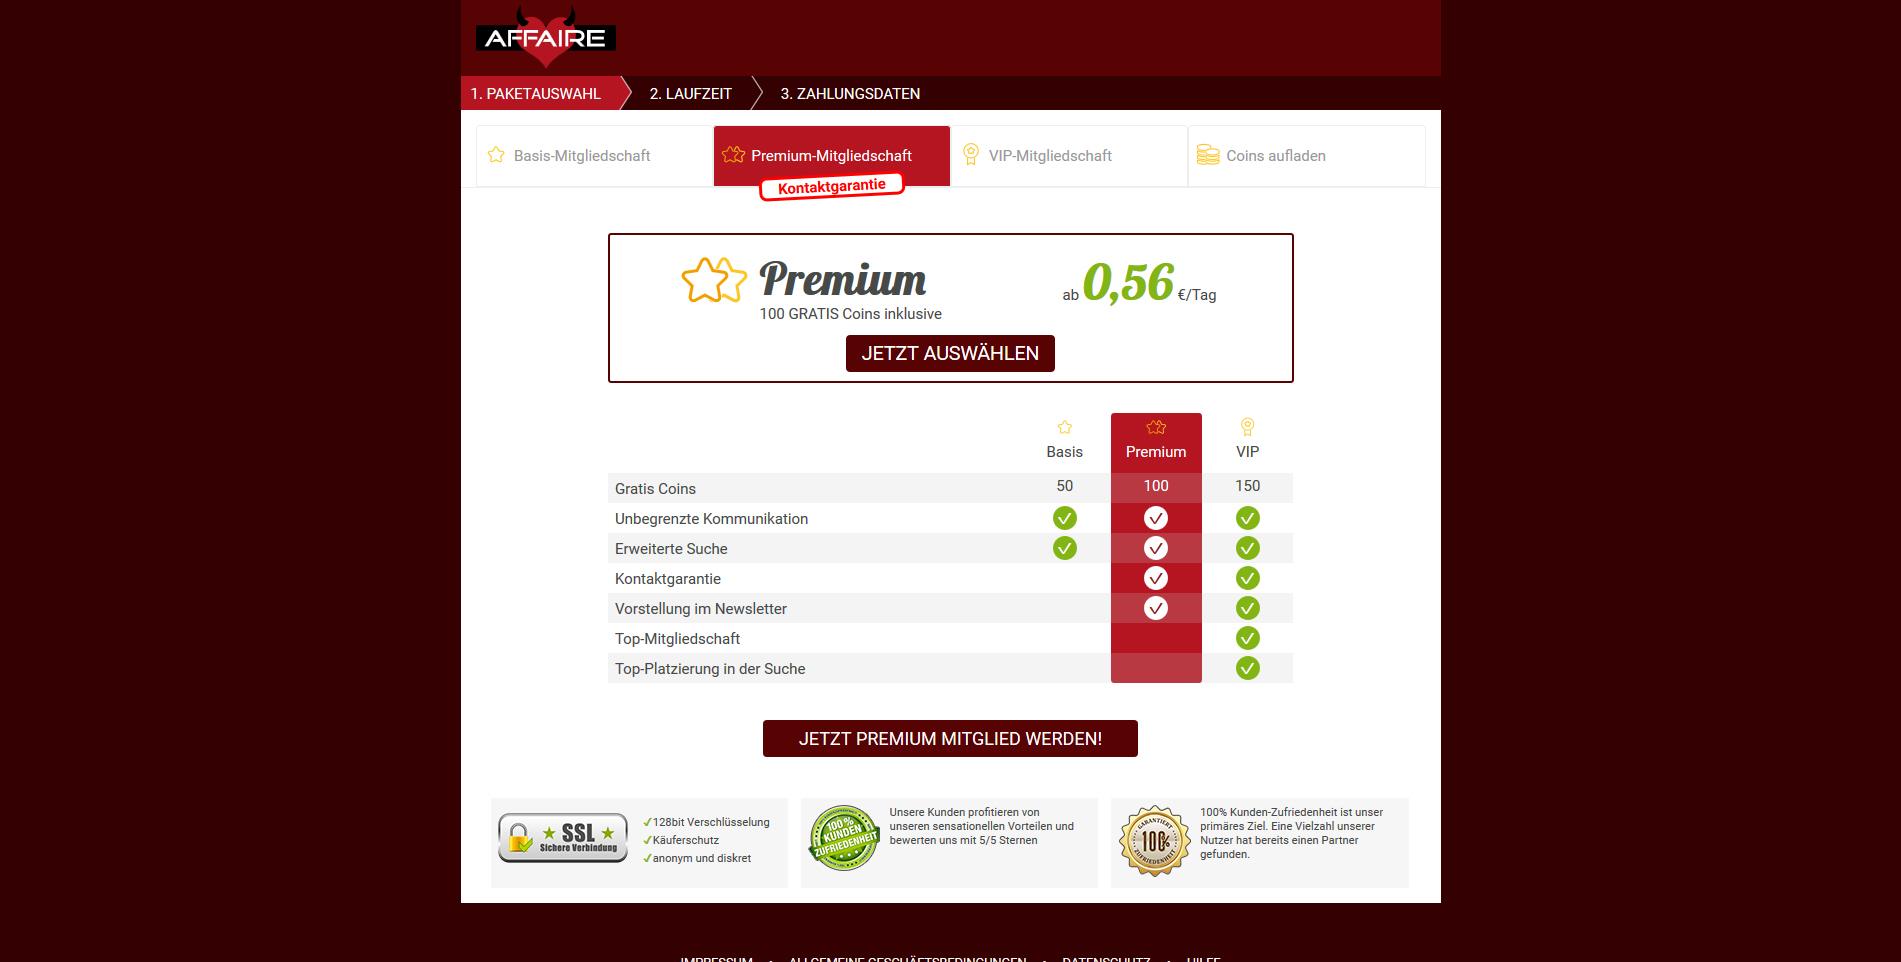 Affaire.com Erfahrungsbericht - Datingleaks.com